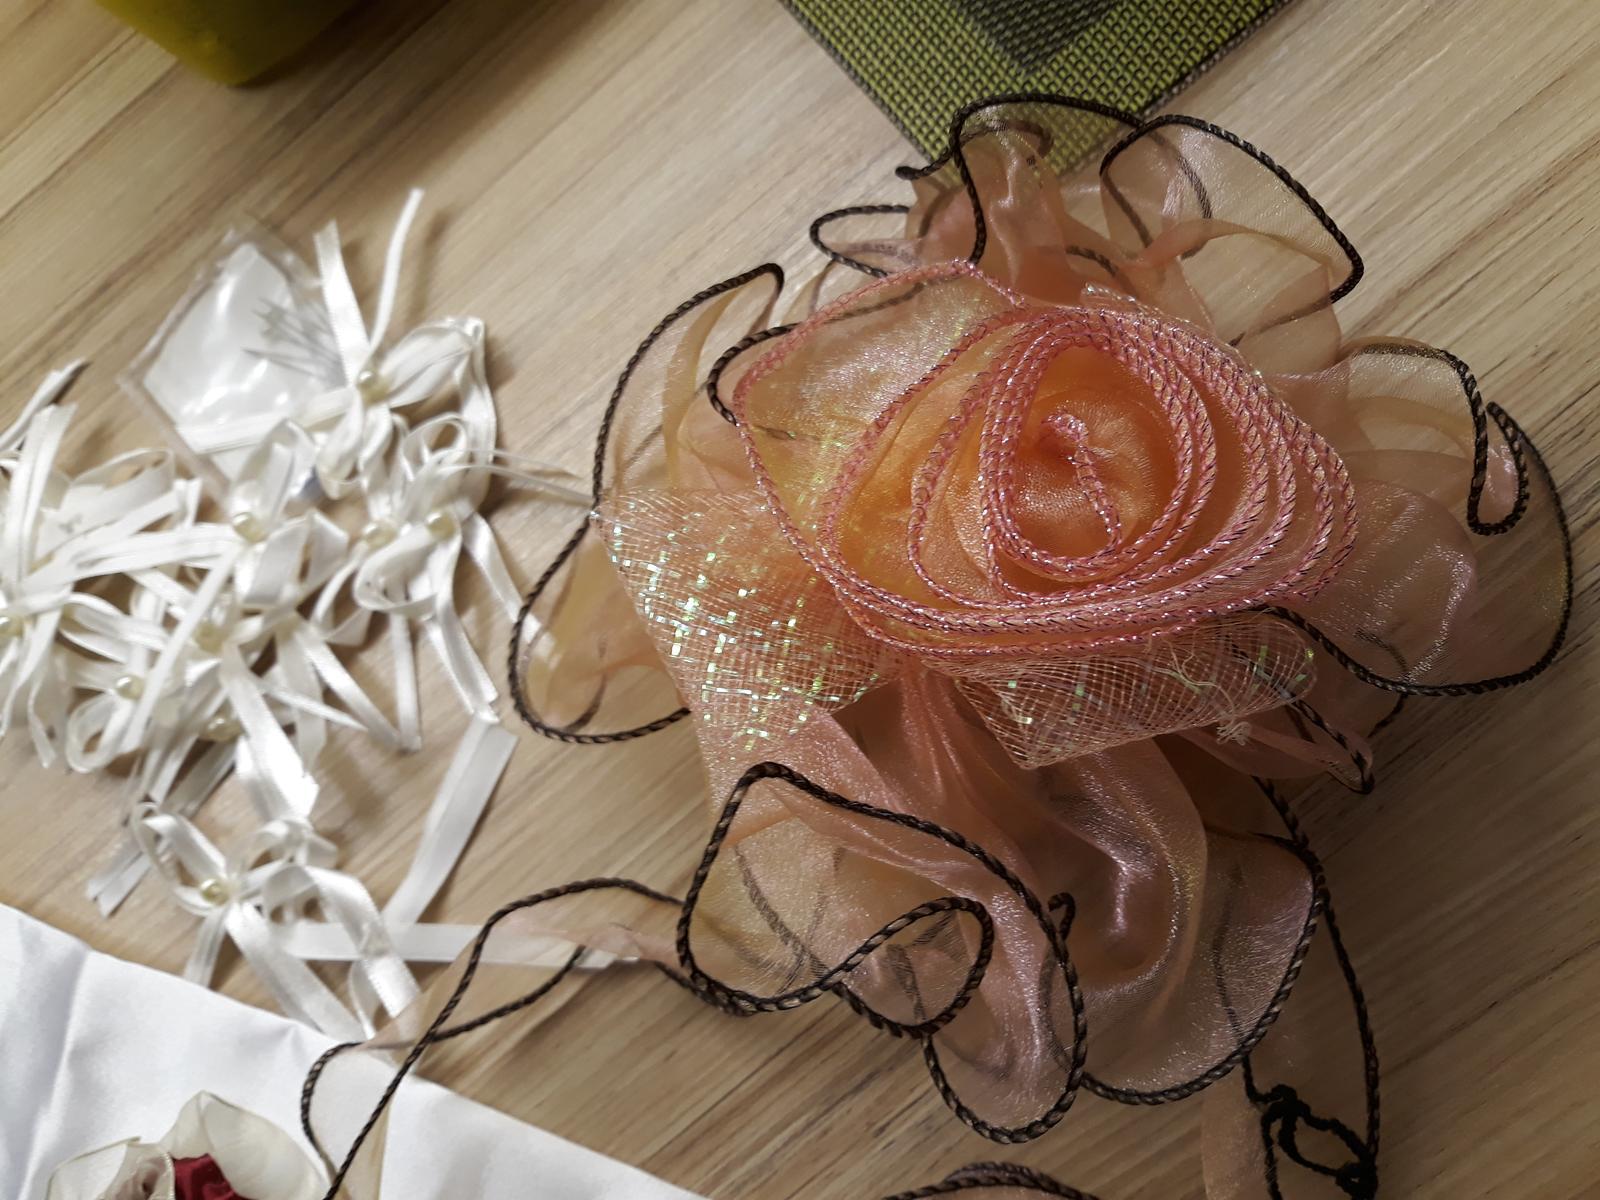 Svatební dekorace , mašle, krabice, bryndák, podvazek.. - Obrázek č. 4